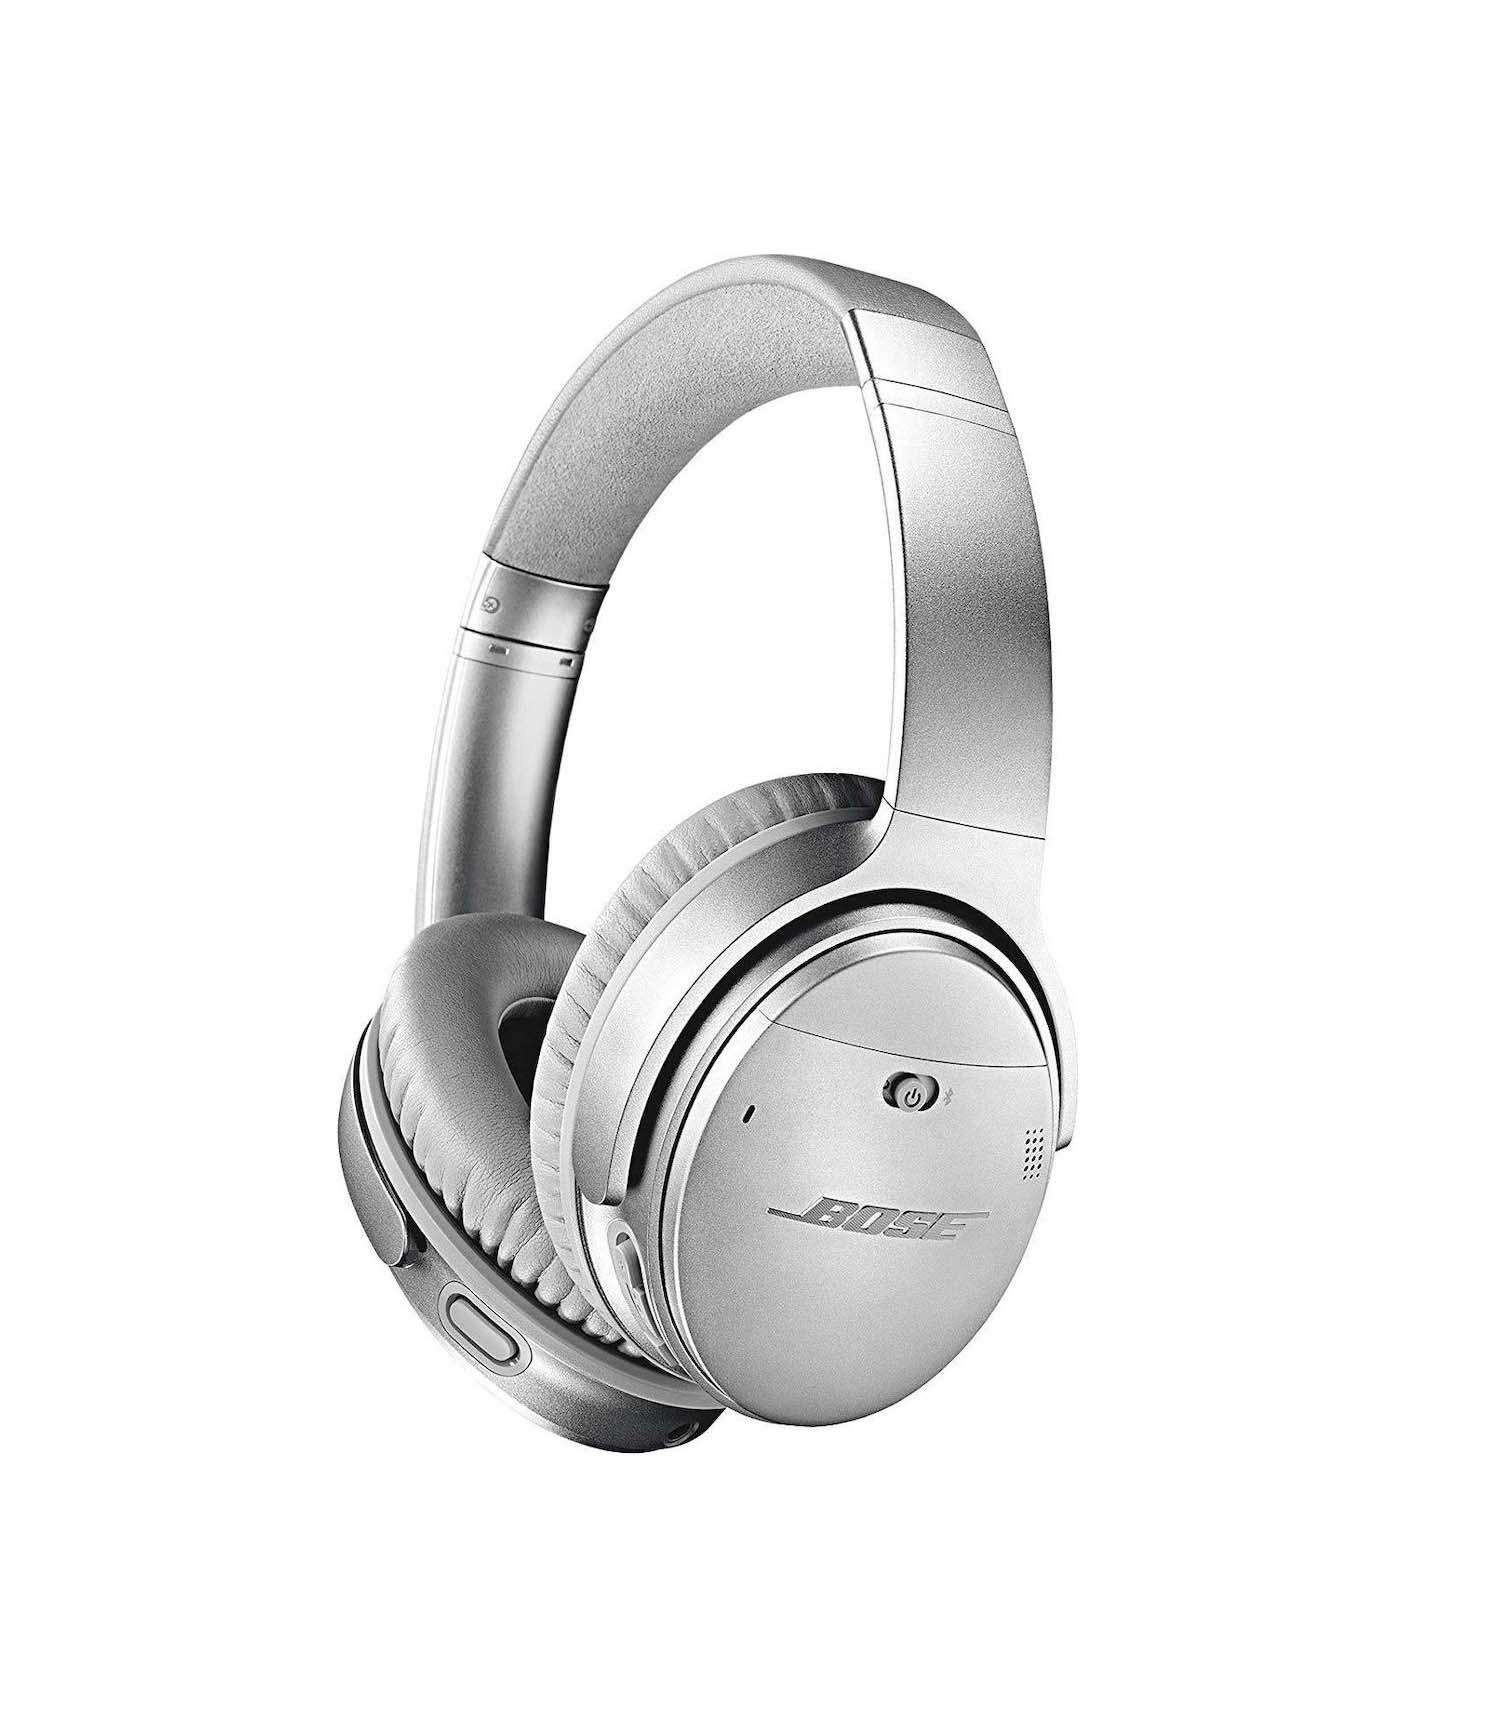 Bose QuietComfort 35 II Wireless Headphones Silver Πληρωμή έως 24 δόσεις